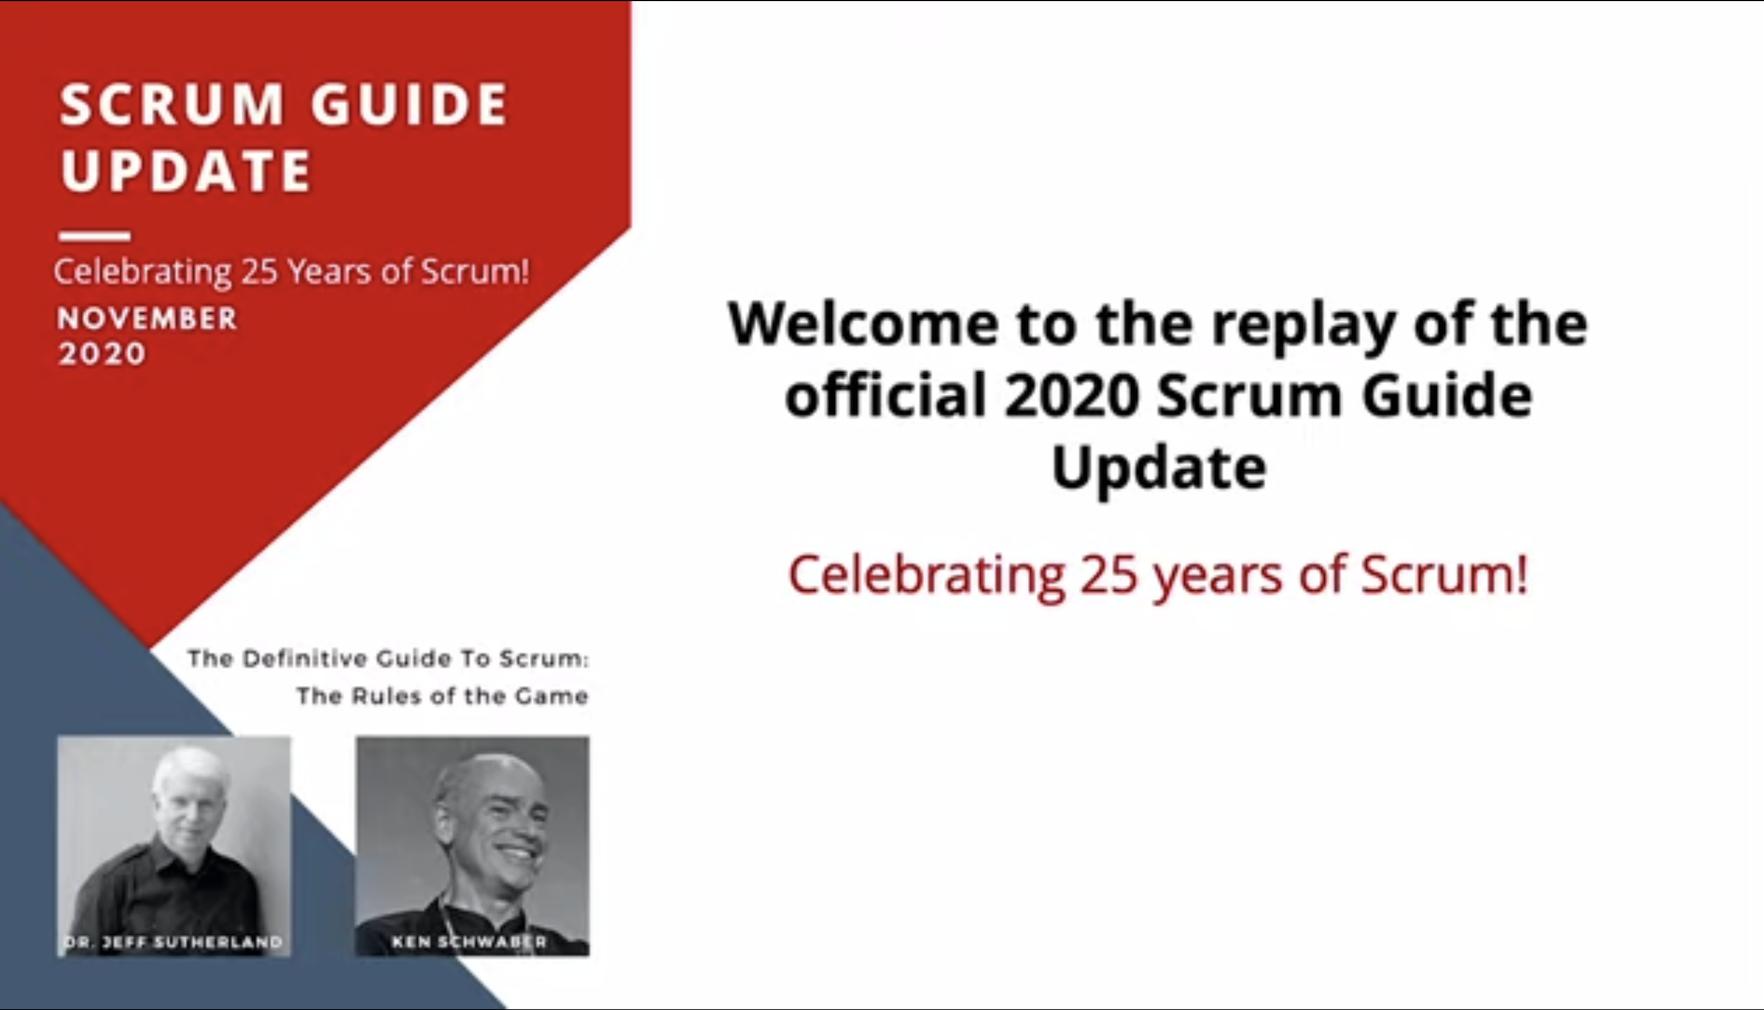 Publicación de la nueva Guía de Scrum (Noviembre 2020)